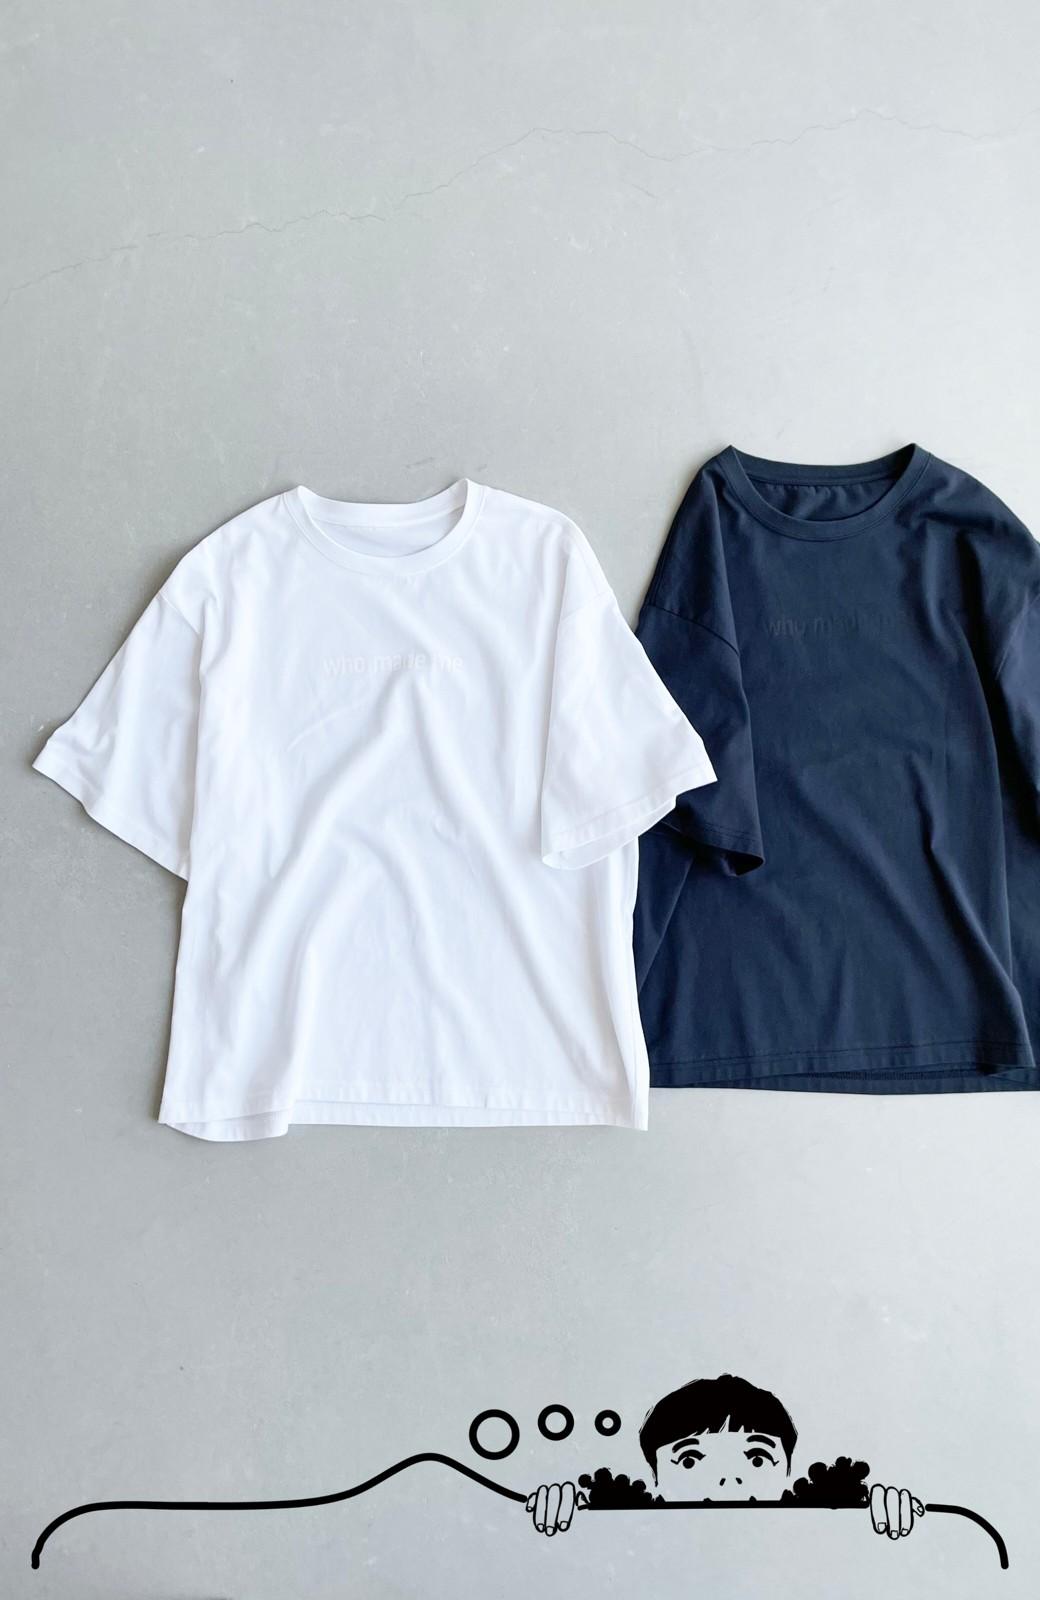 haco! あるかないかで大違い!大人の抜け感を醸し出すさりげなロゴTシャツ by who made me + PBP <チャコールグレー>の商品写真13